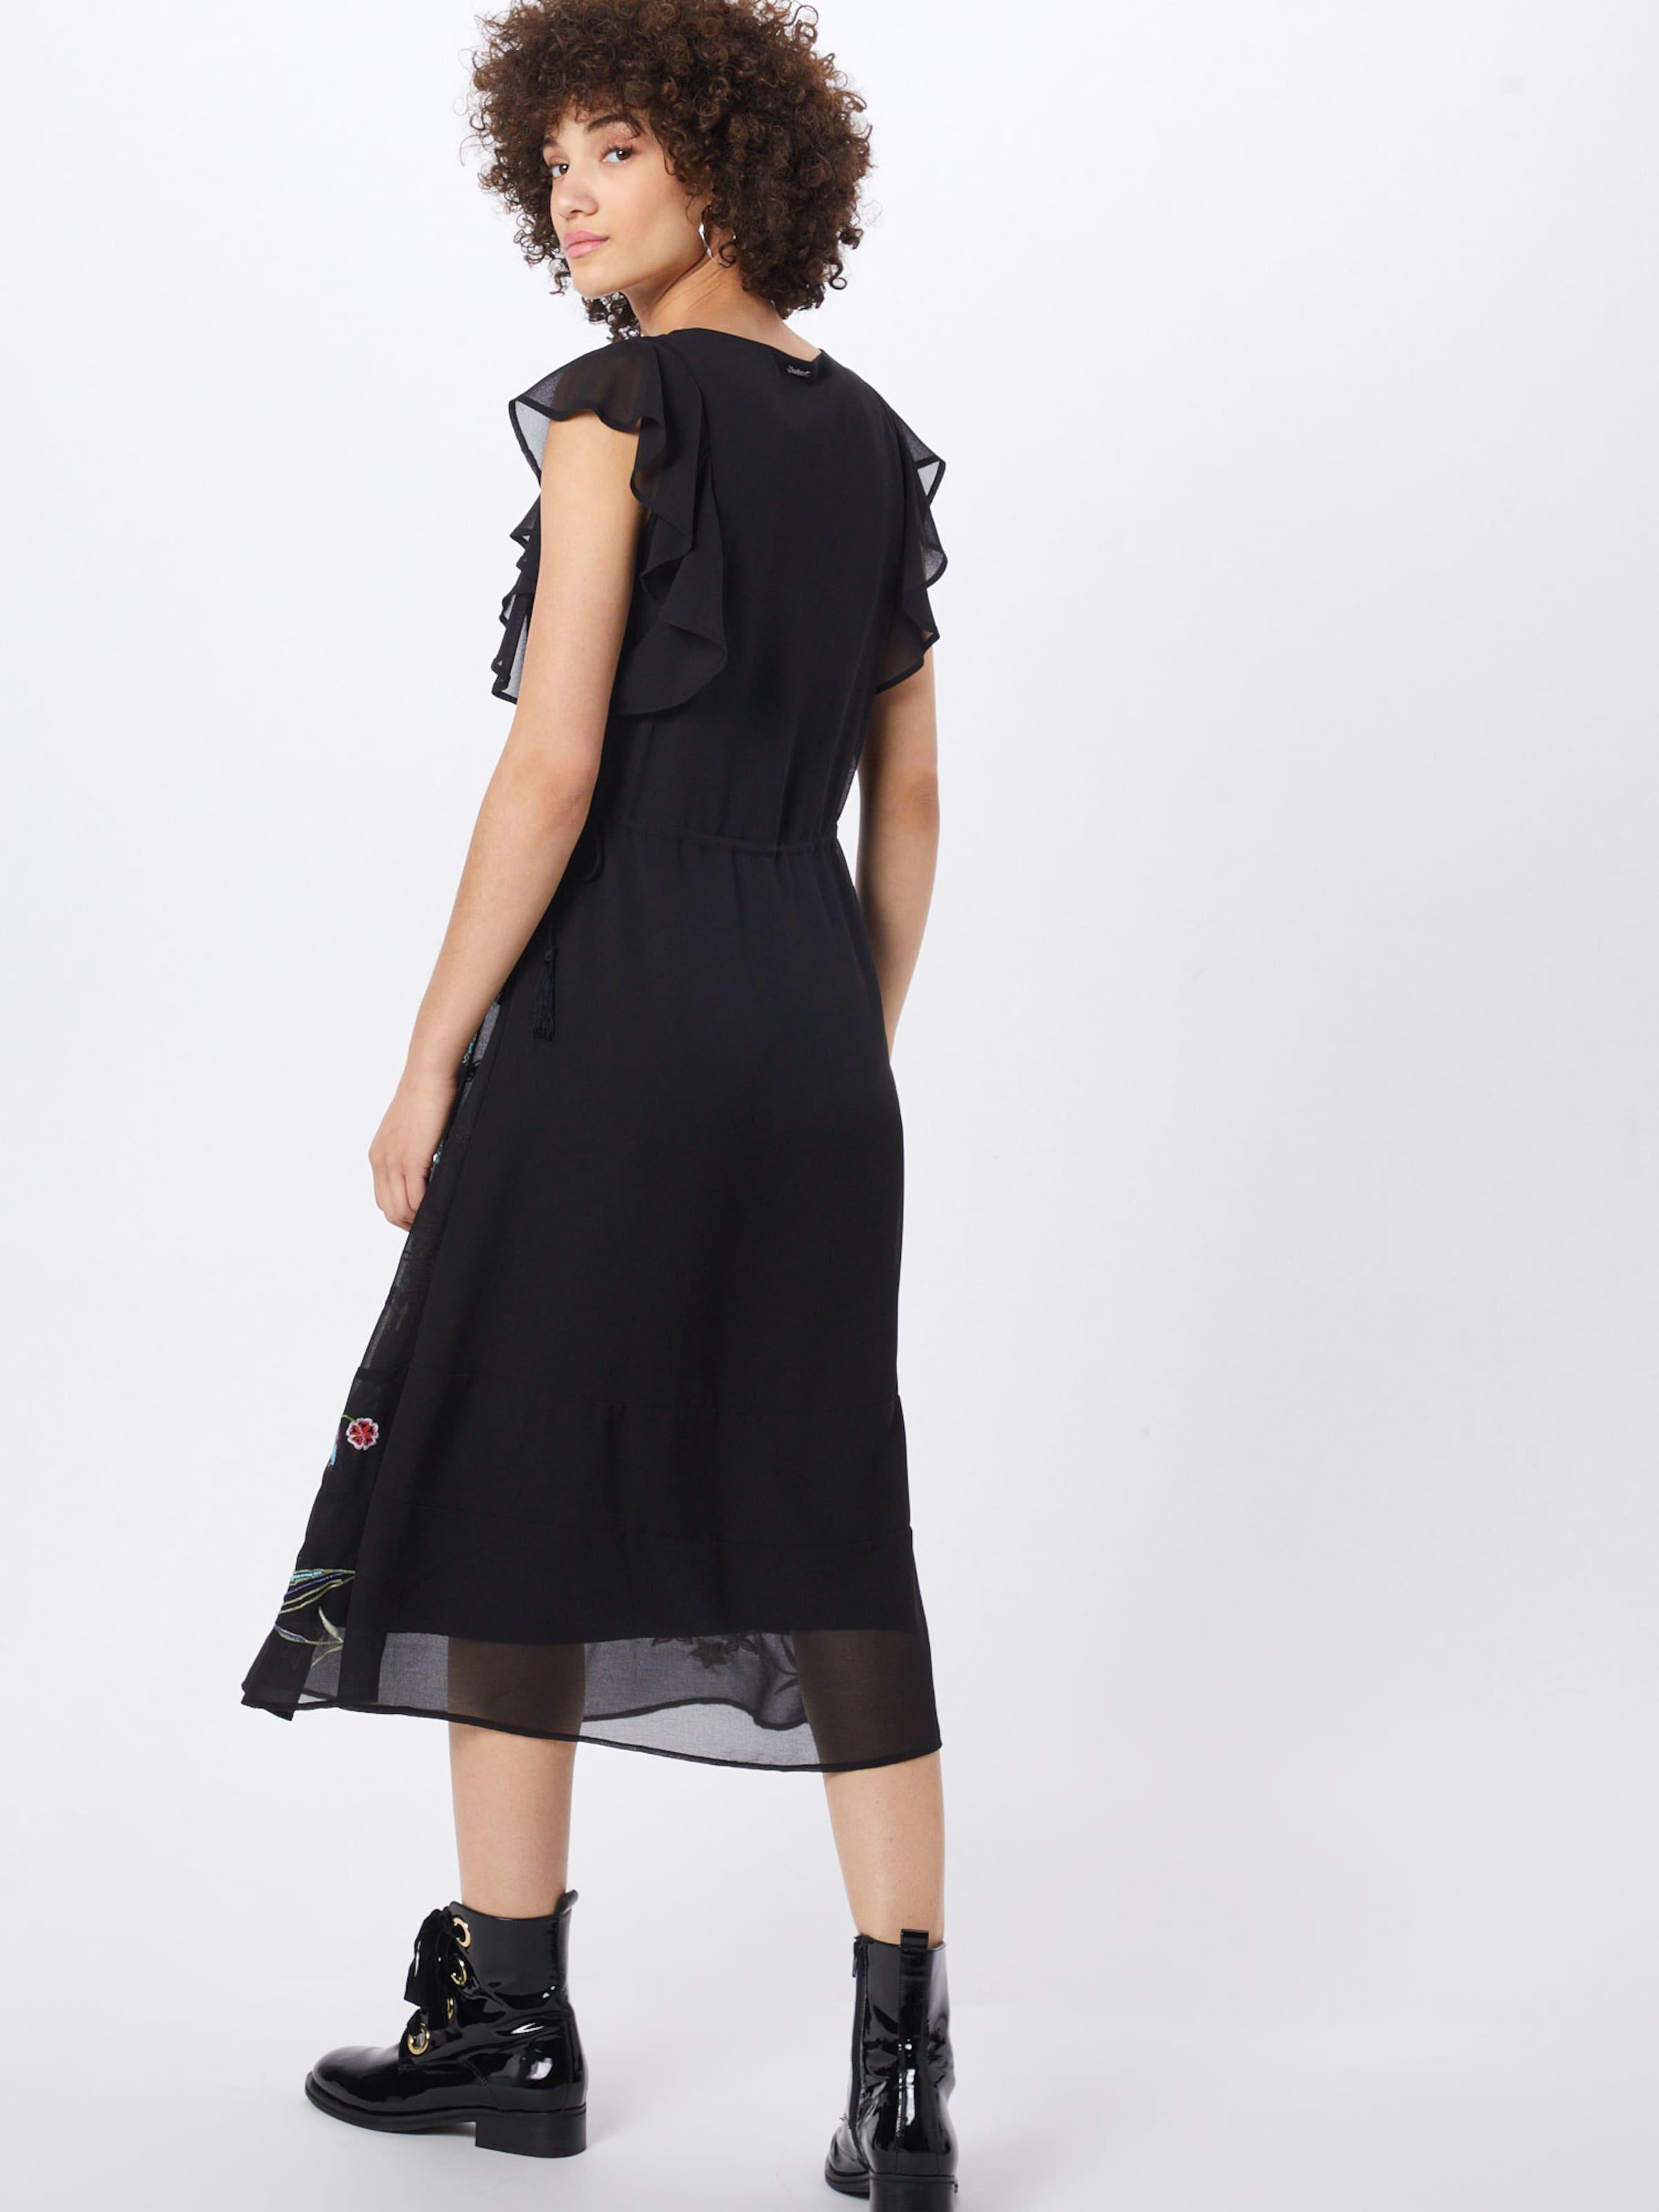 MischfarbenSchwarz Desigual In 'vest Kleid sandy' 8PkOwn0